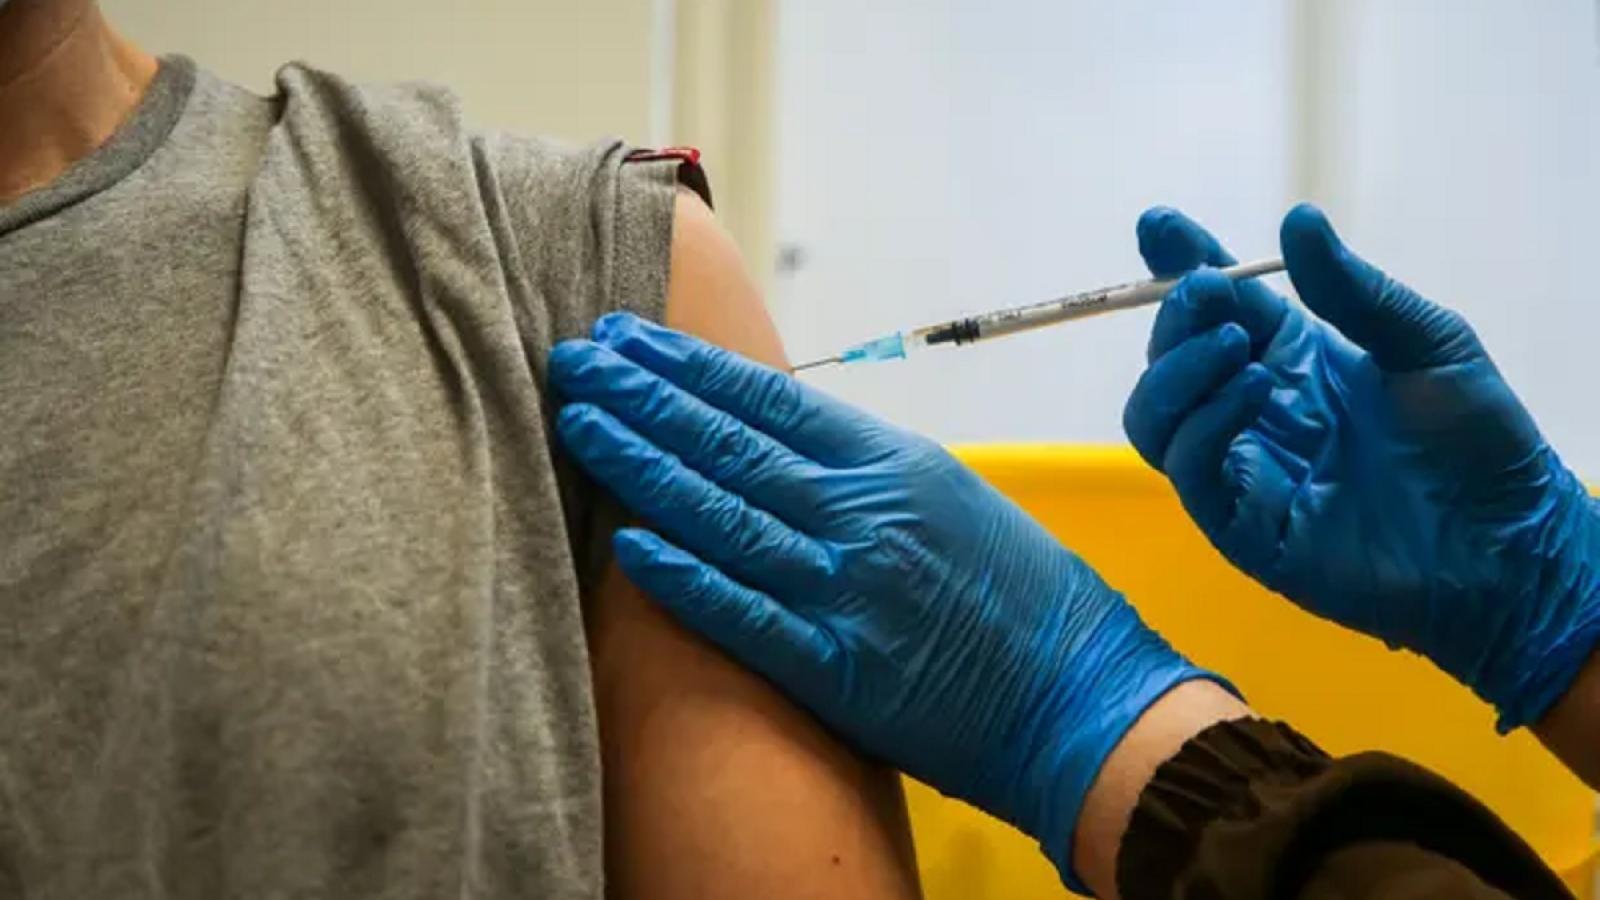 Nguy cơ đông máu sau nhiễm COVID-19 lớn hơn nhiều so với sau khi tiêm chủng